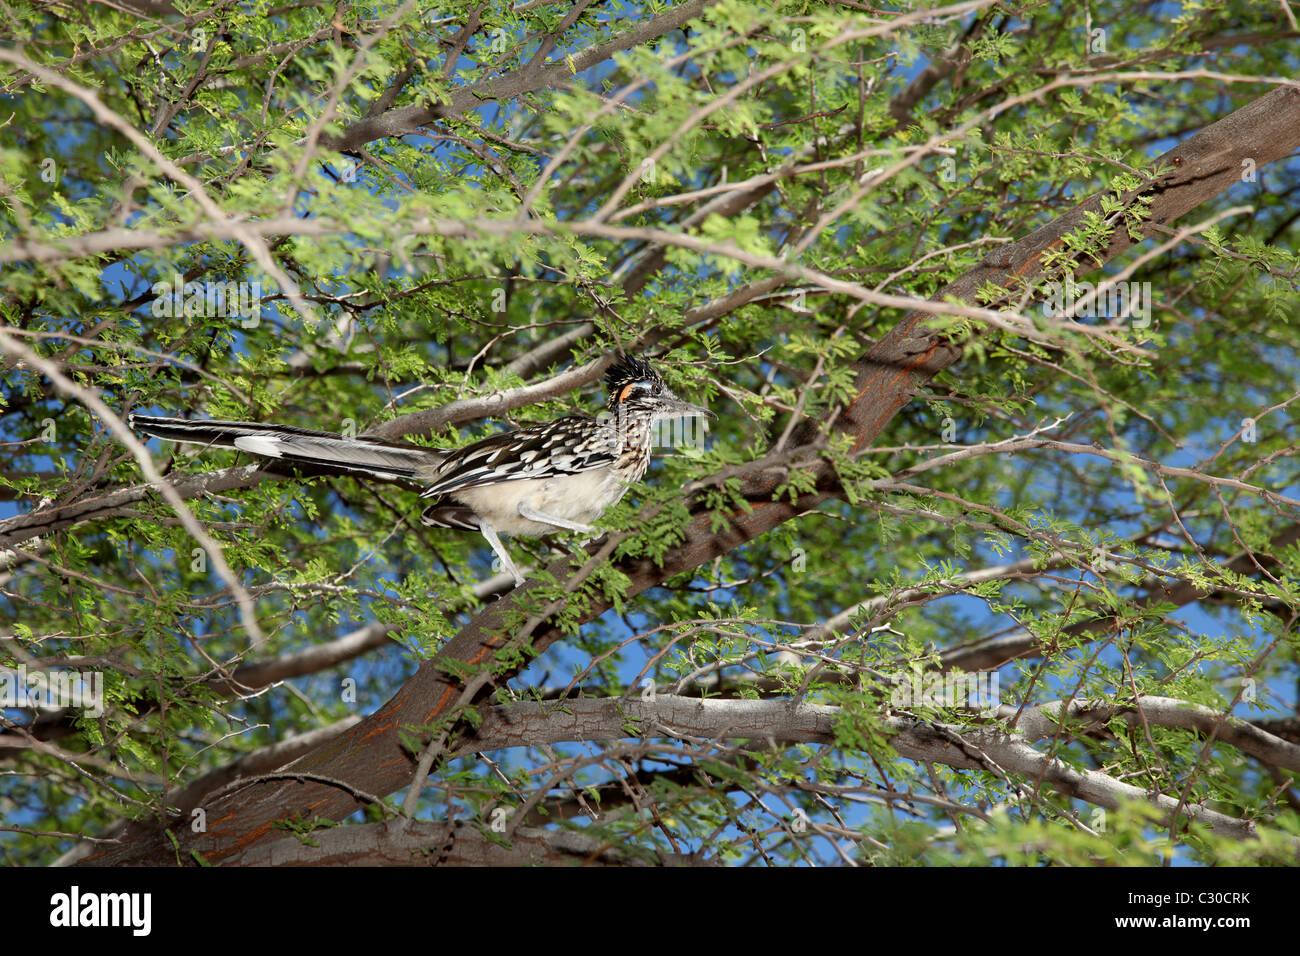 Roadrunner bird in a mesquite tree - Stock Image